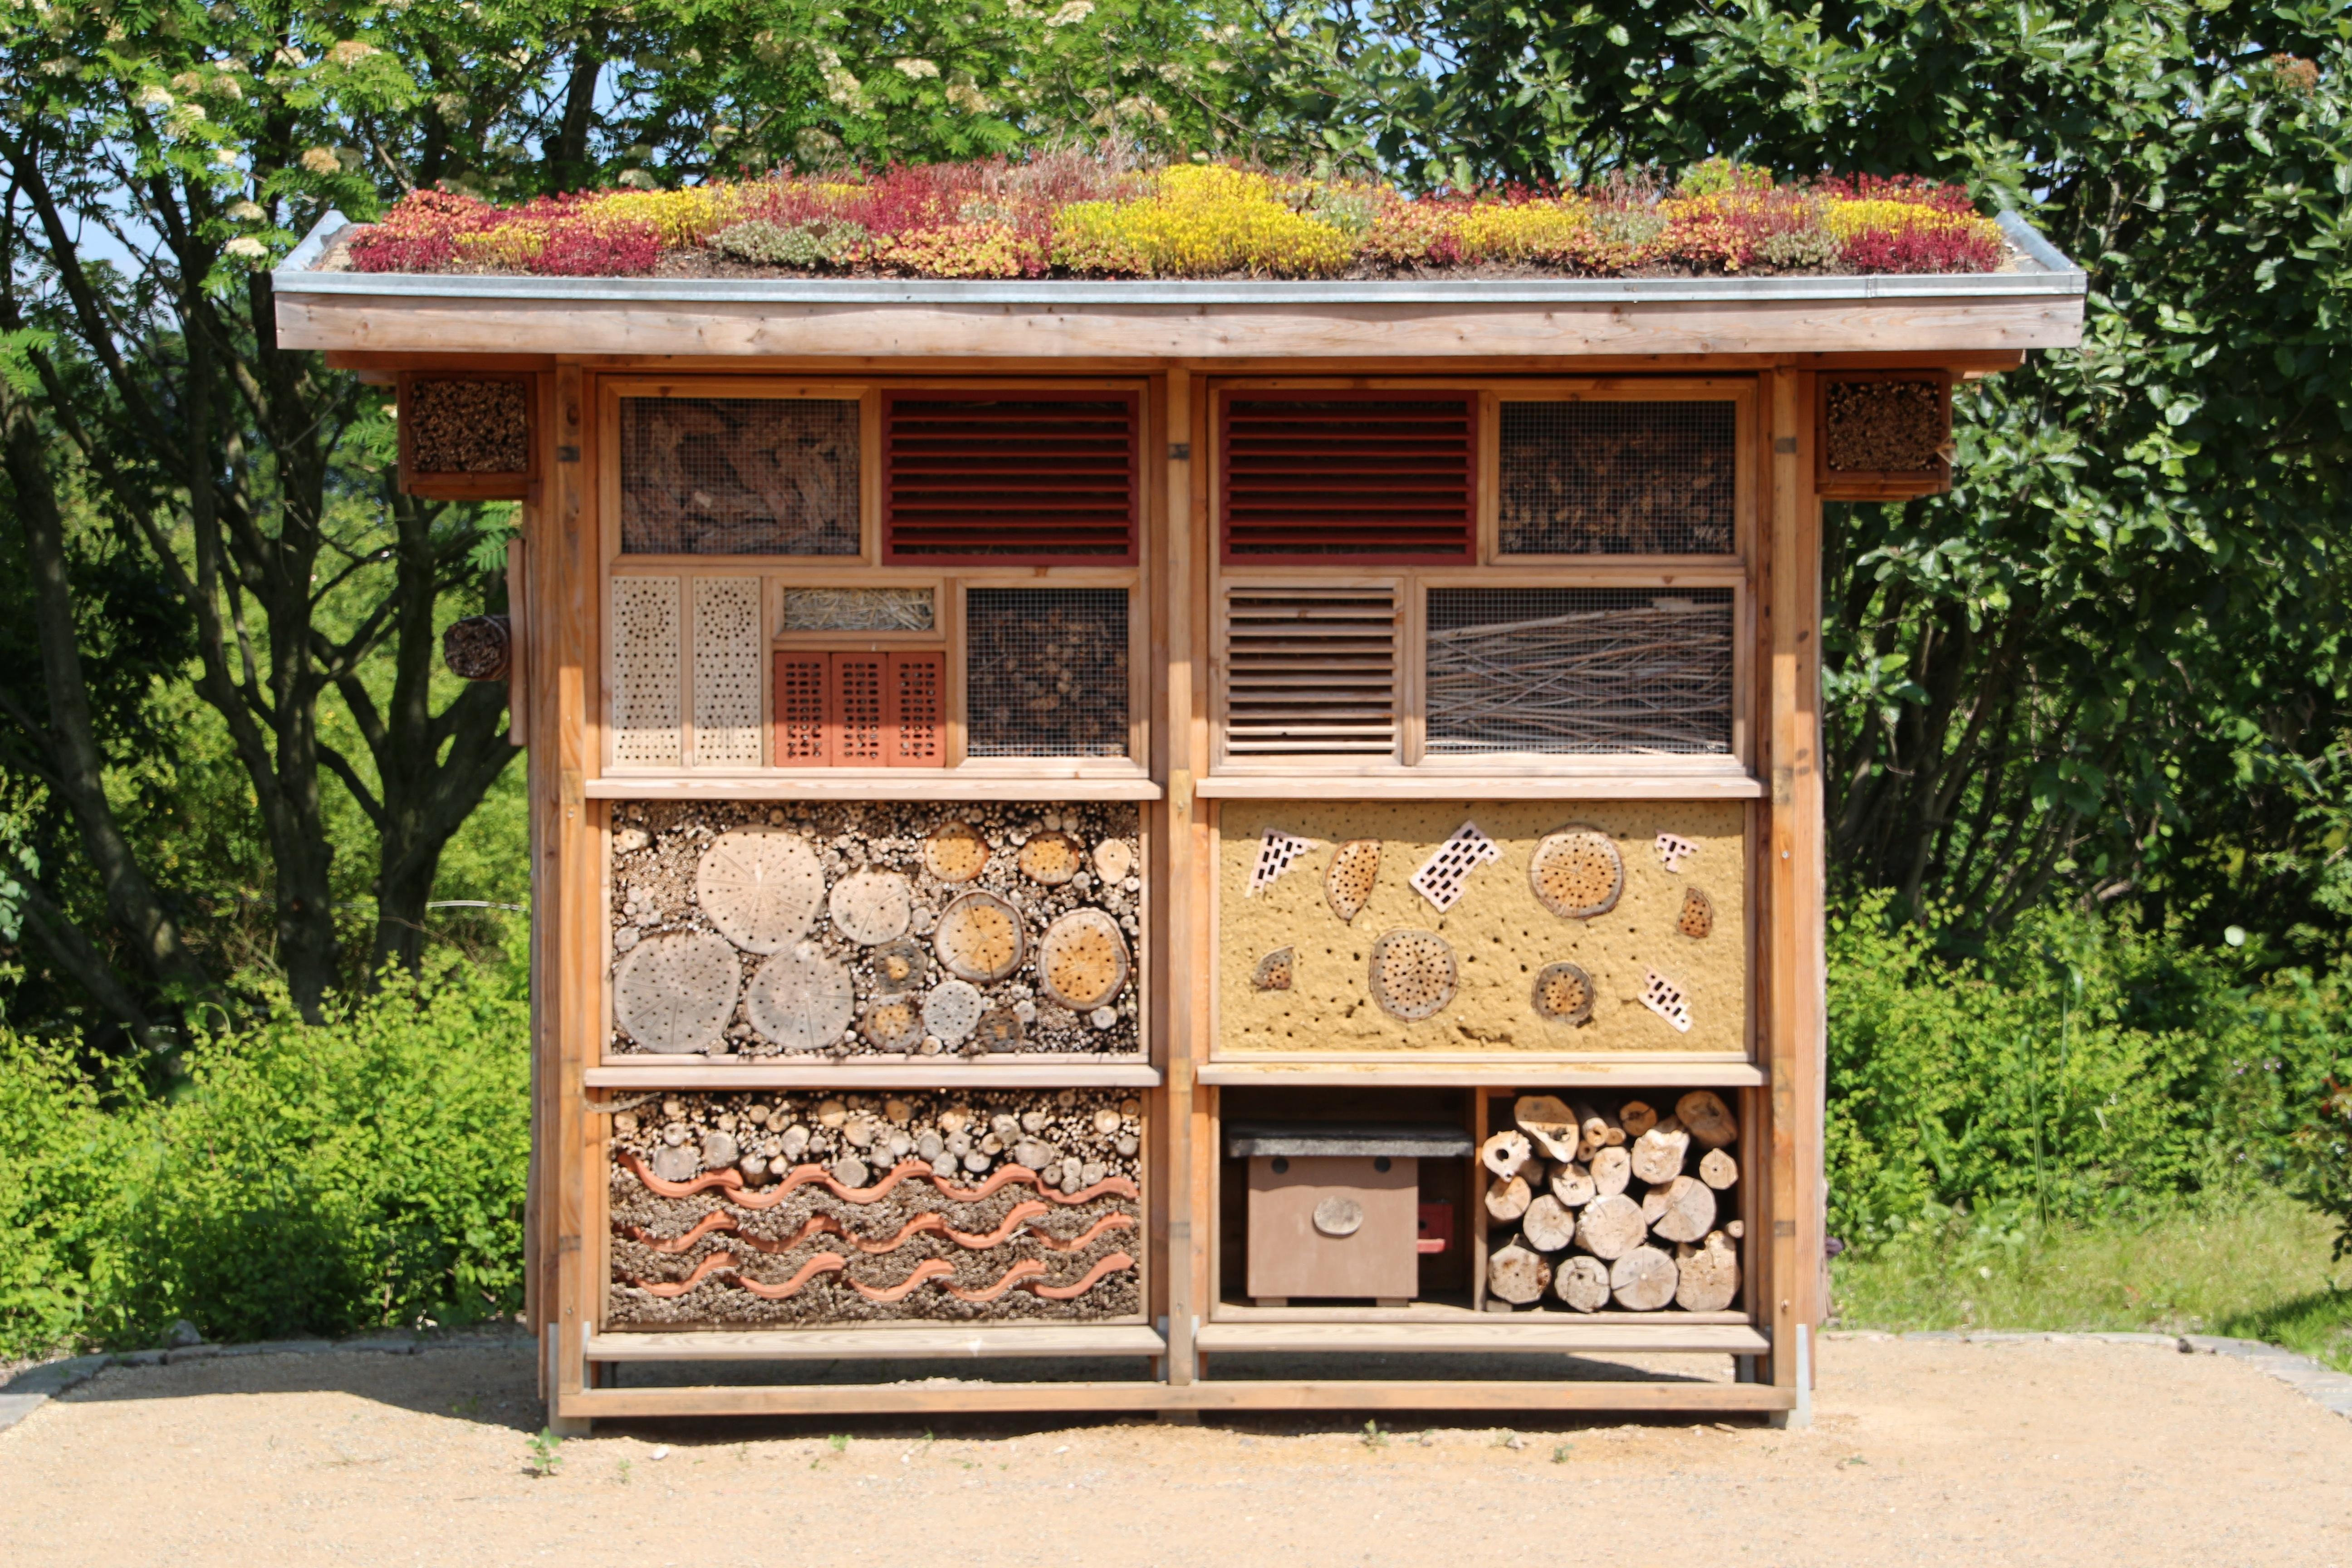 Fotos gratis : madera, insecto, mirador, mueble, Casa de insectos ...